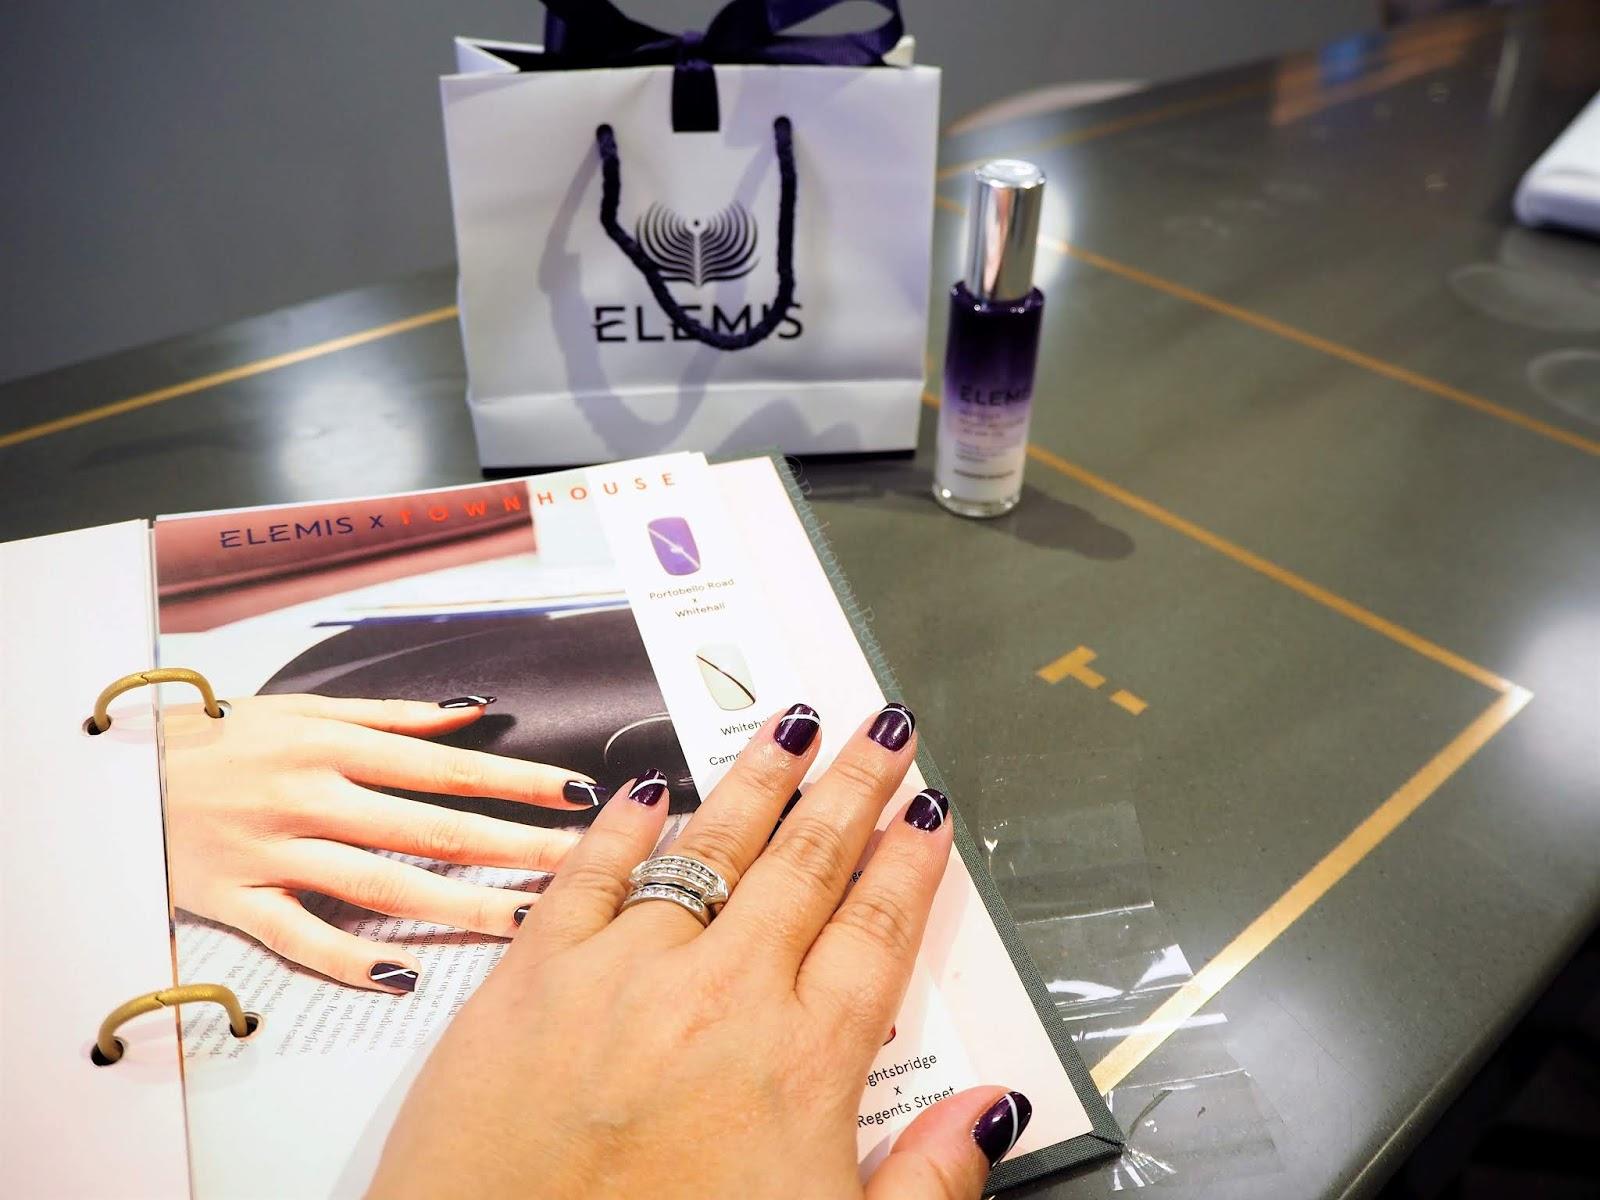 Elemis X Townhouse Manicure